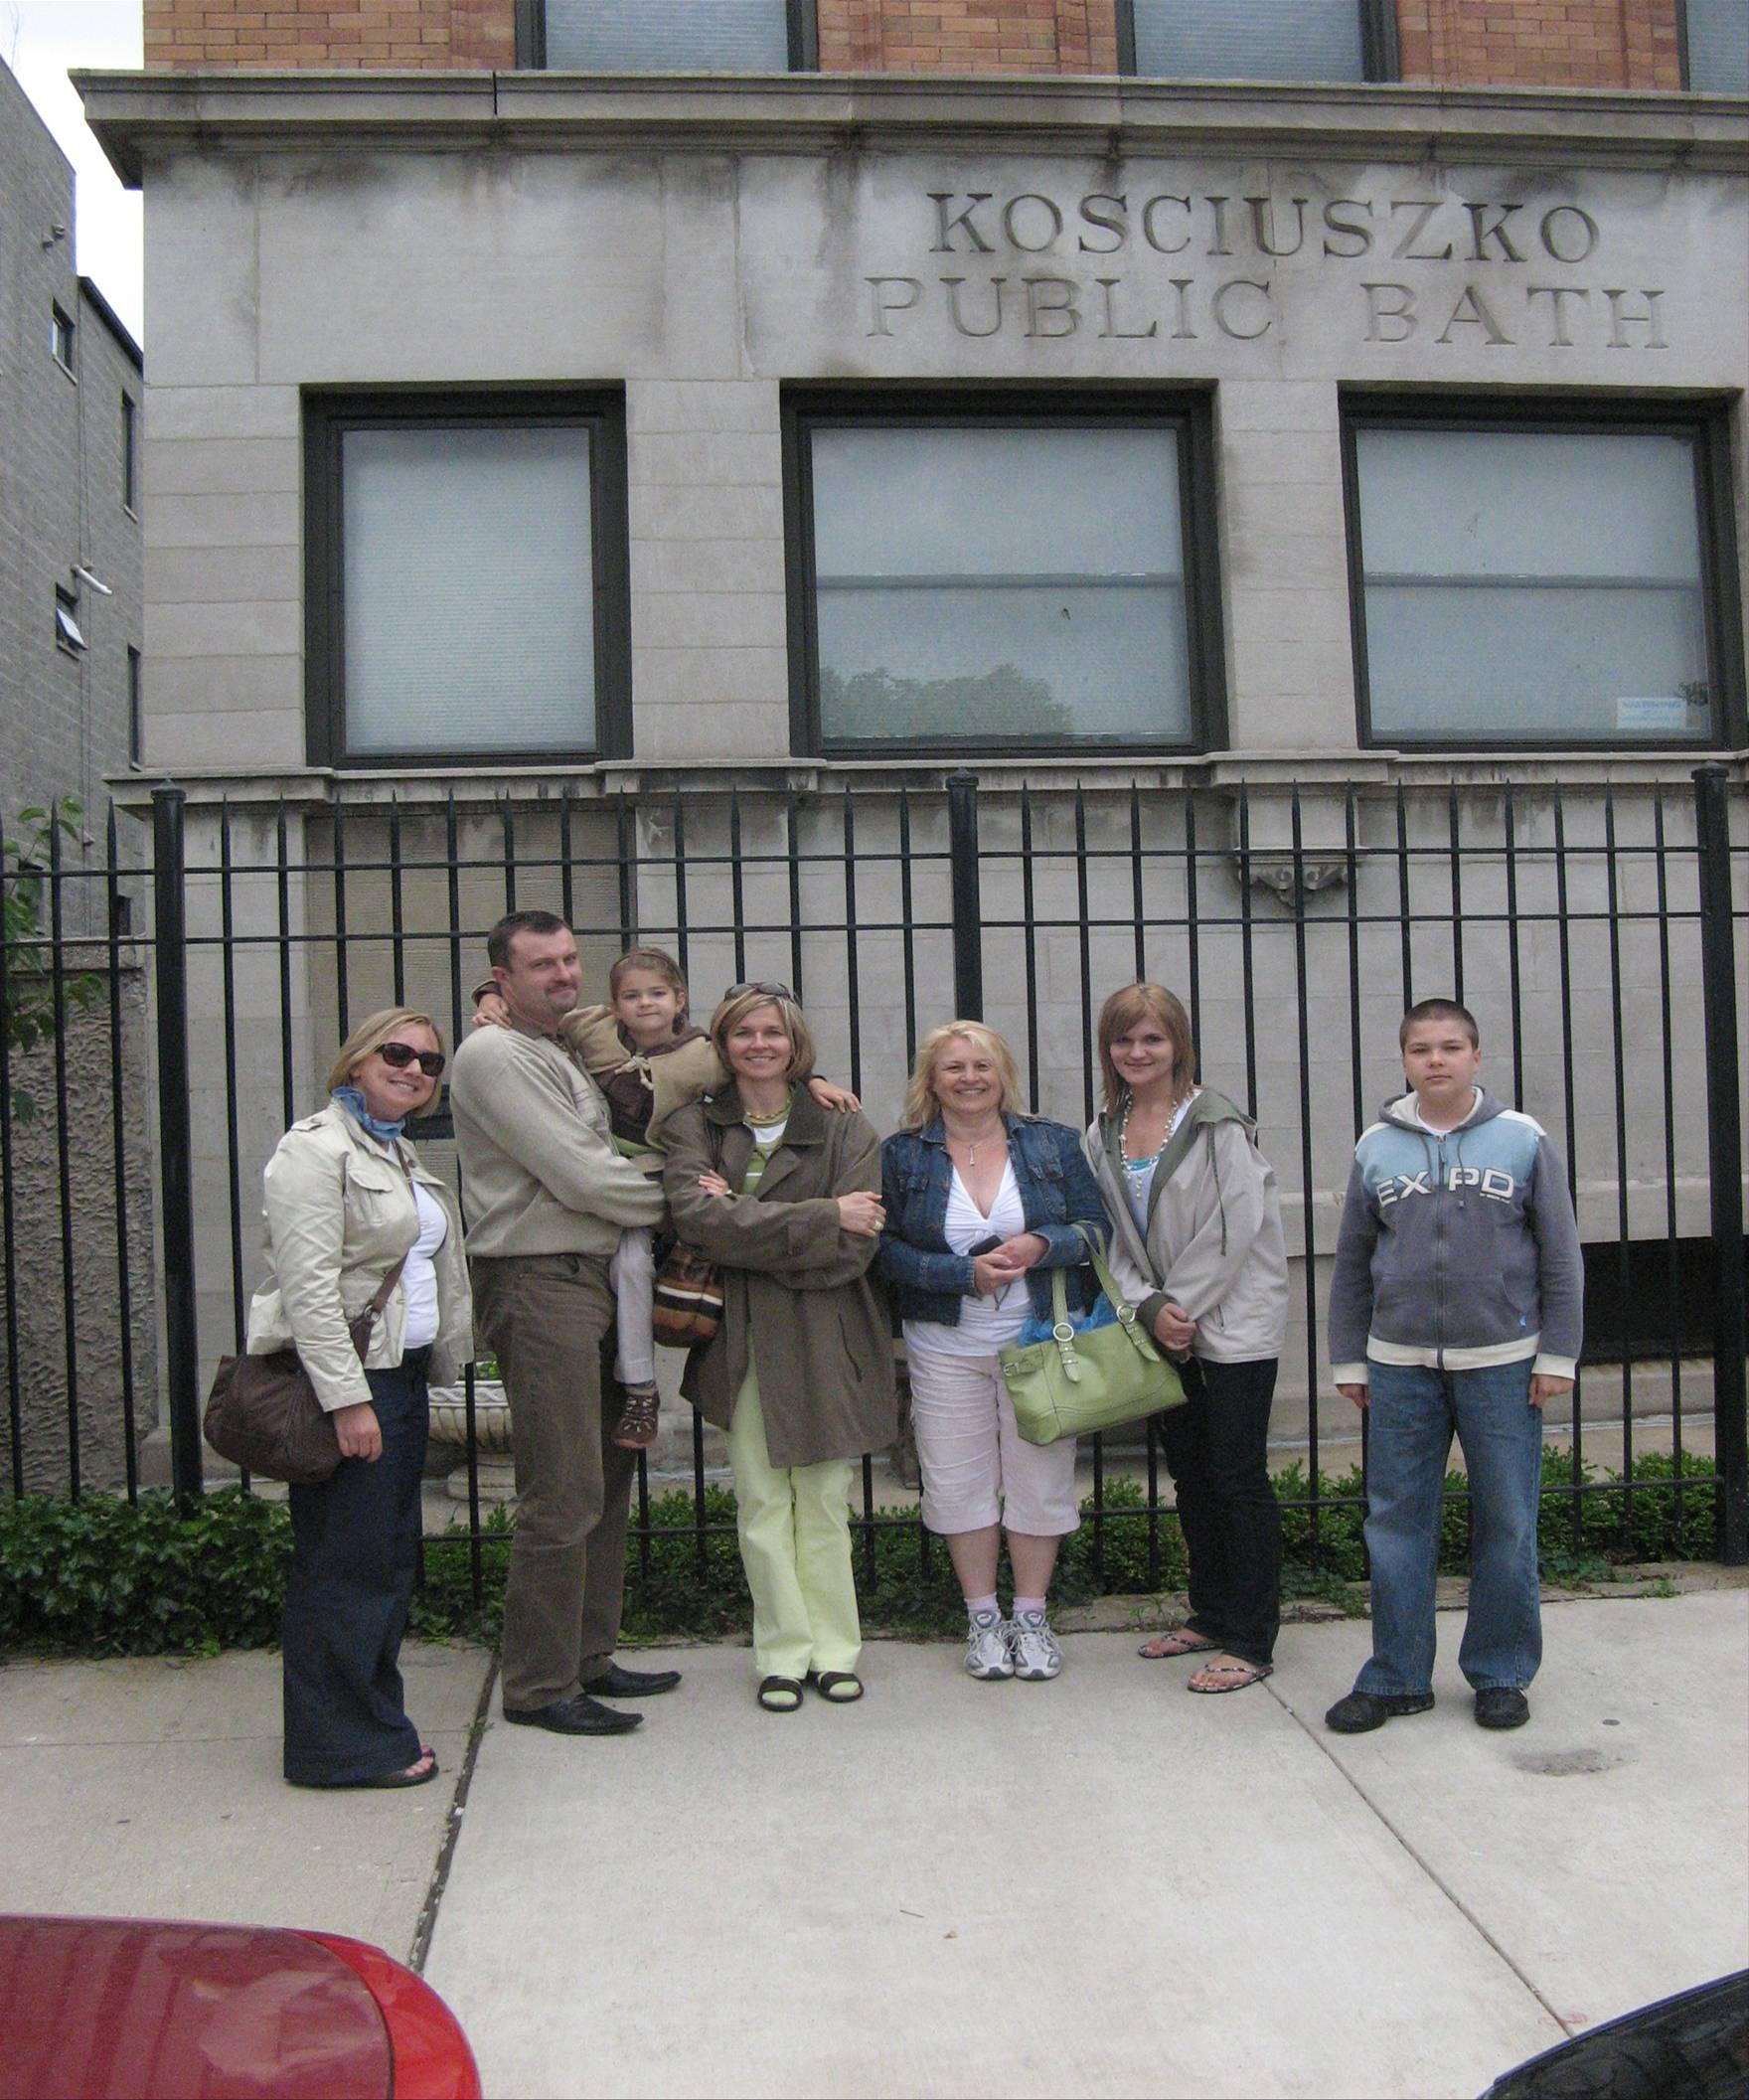 Publiczna łaźnia Kościuszki, jedna z 19 wybudowanych w Chicago w latach 1894 - 1918; jedna z czterech, które przetwały do dzisiaj i służą jako rezydencje prywatne; Łaźnia Kościuszki (1446 N. Greenview) otworzona w 1904, utrzymana jest w najlepszym stanie